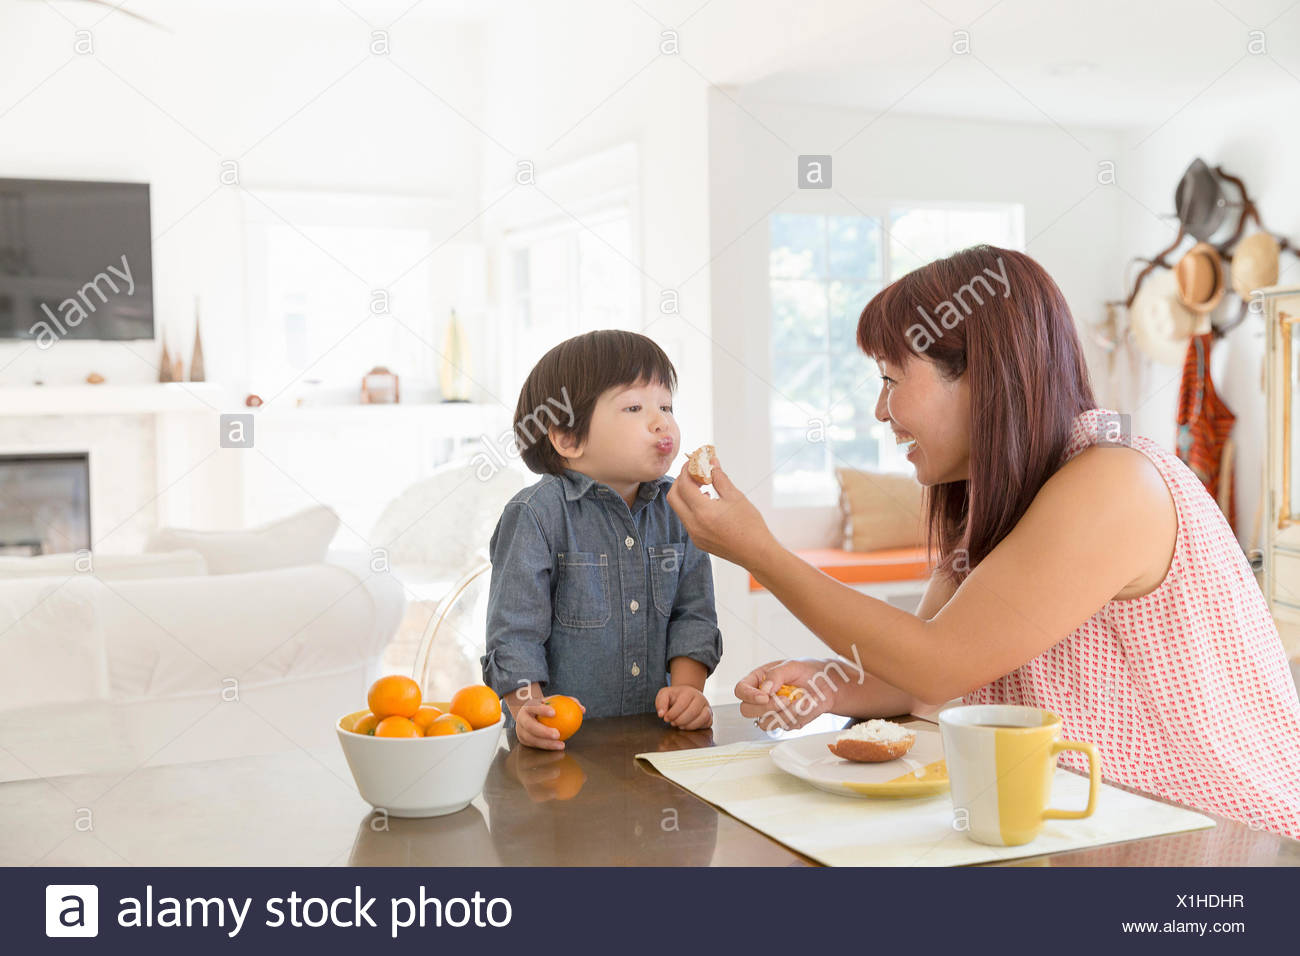 Mutter Fütterung Sohn am Esstisch Stockbild